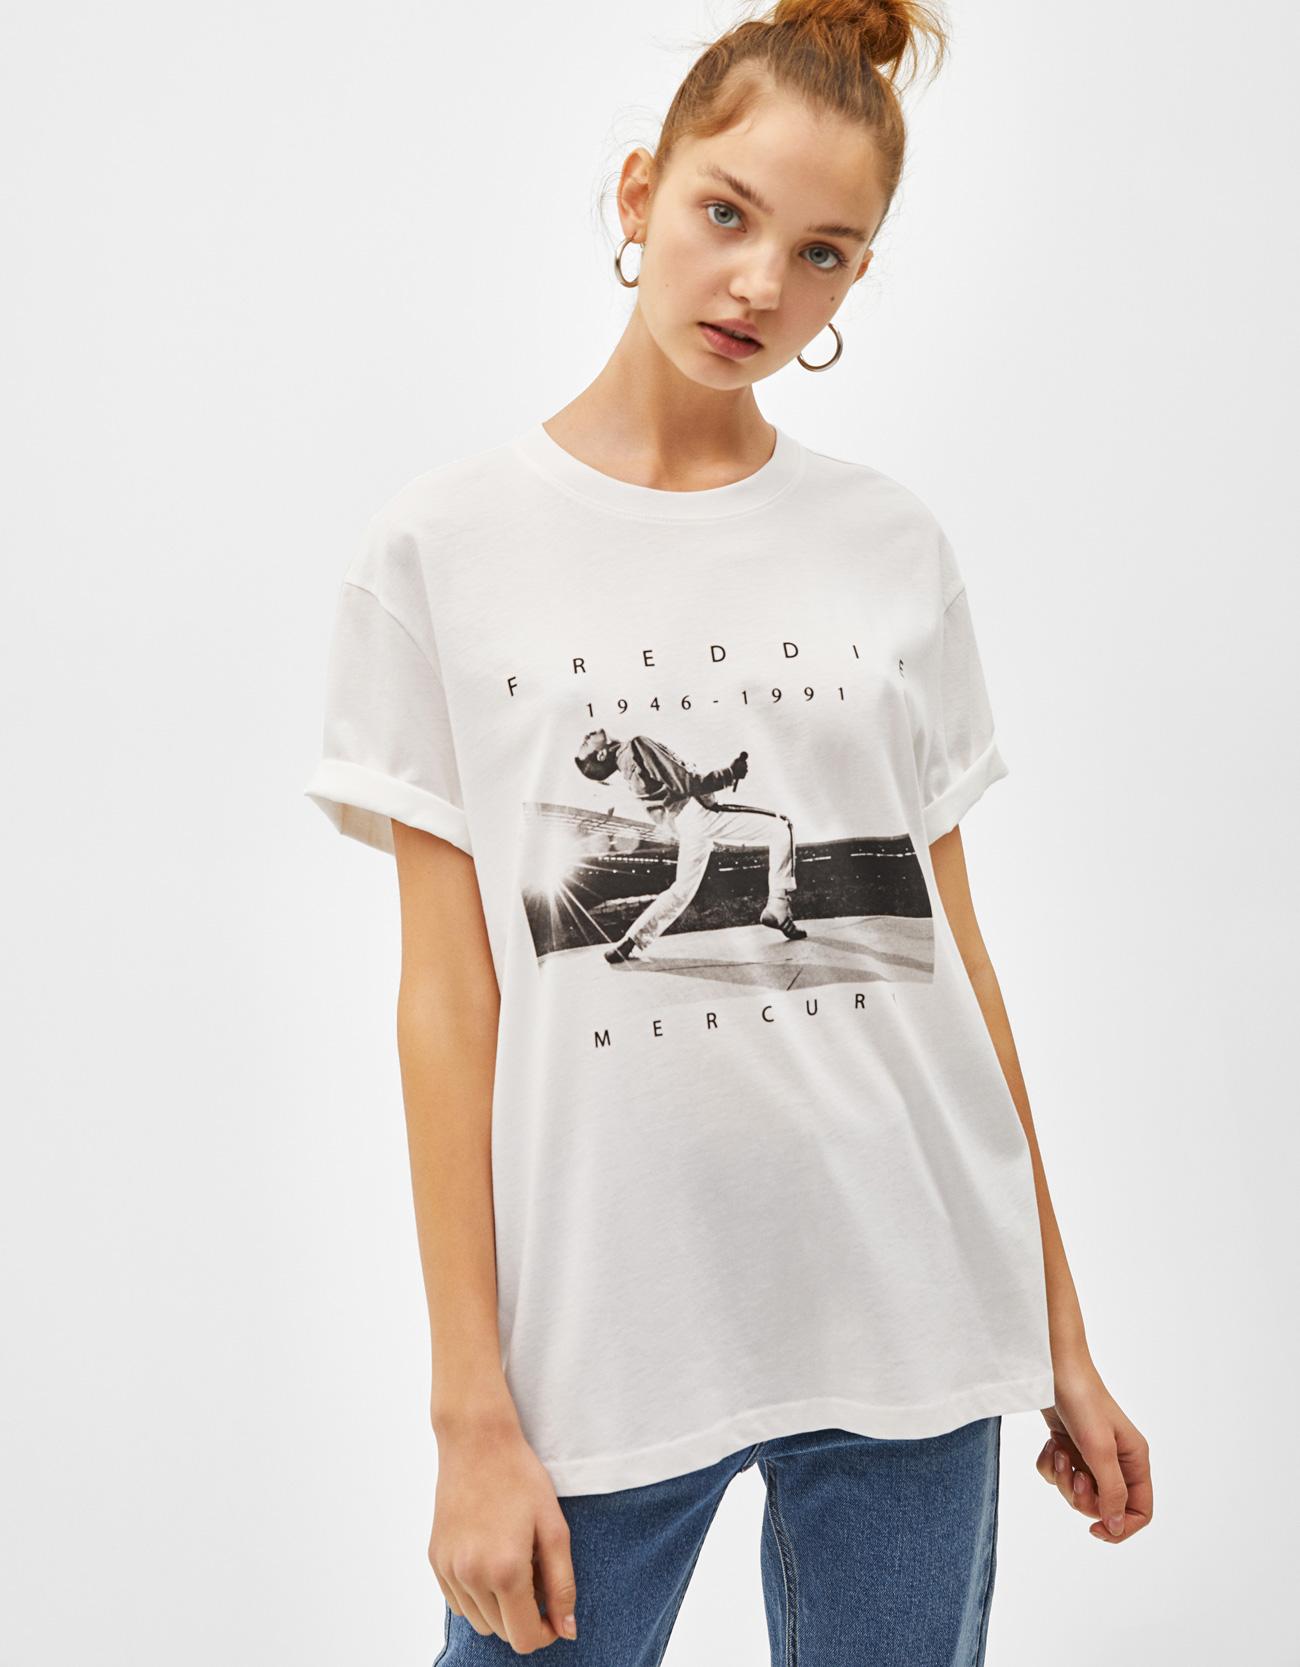 c980f9e7b22dd Camiseta Freddie Mercury - Manga Corta - Bershka Nicaragua